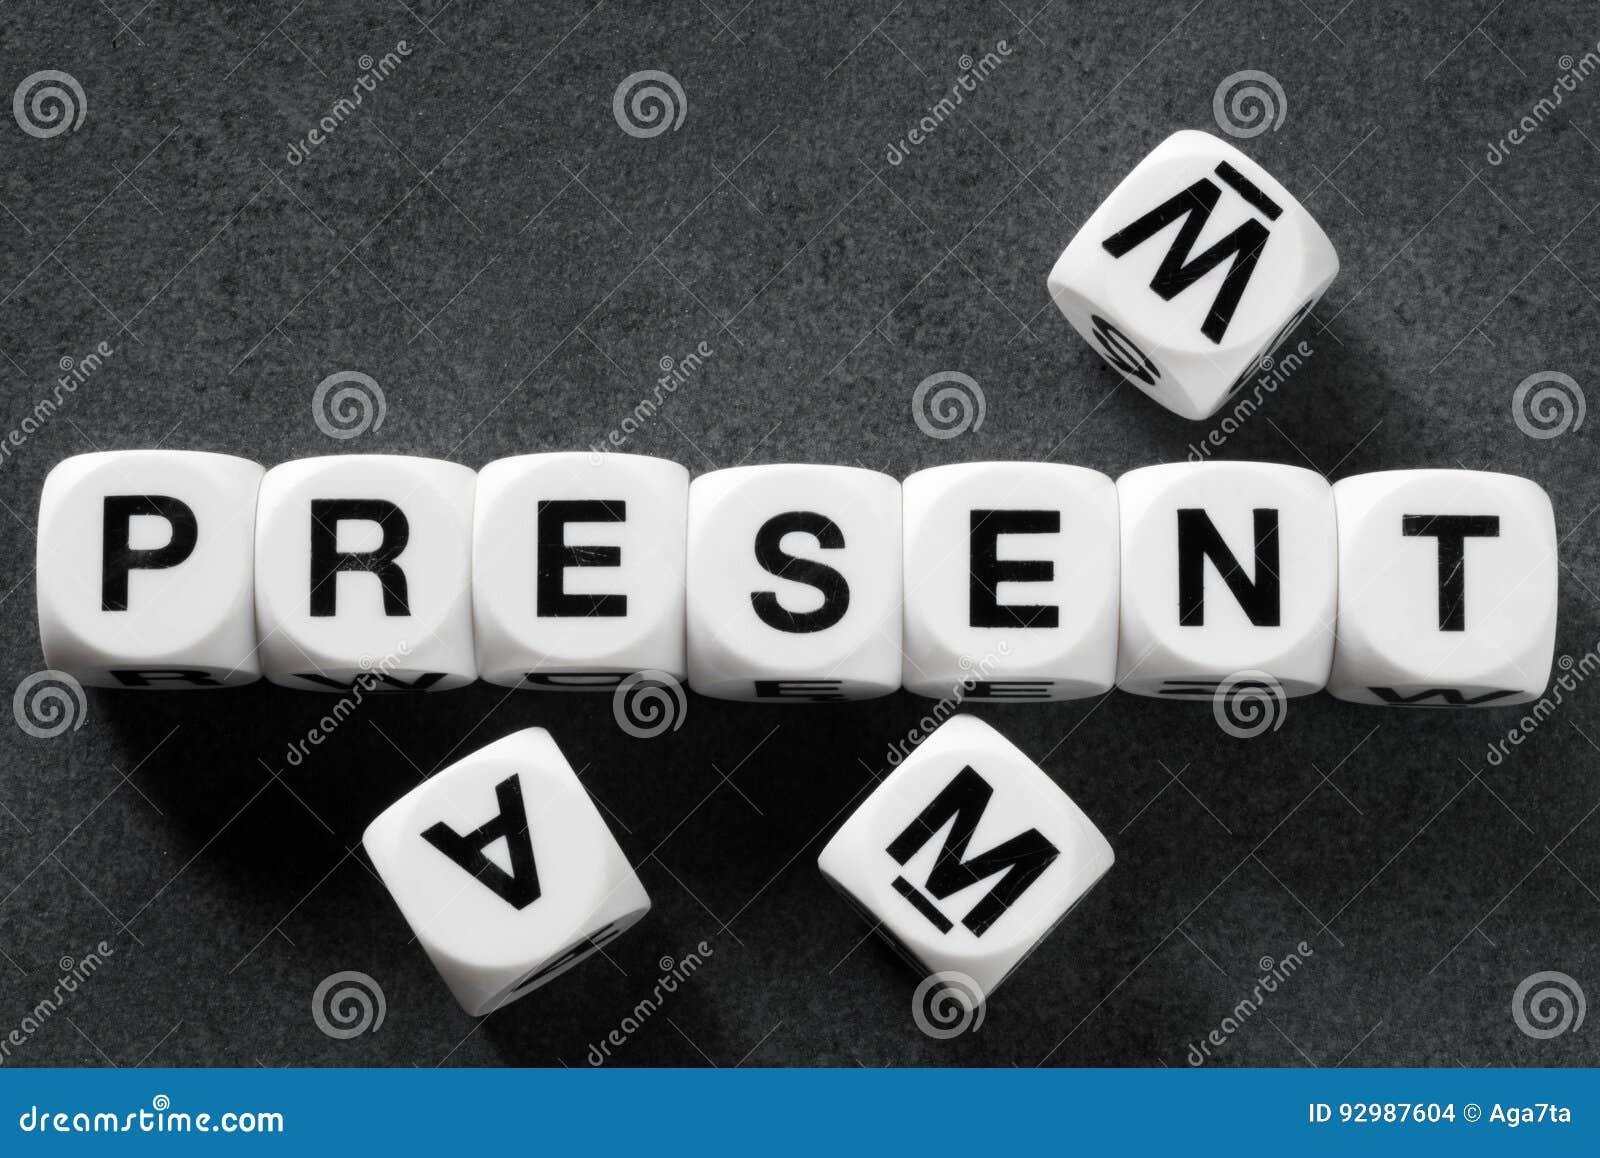 Présent de Word sur des cubes en jouet